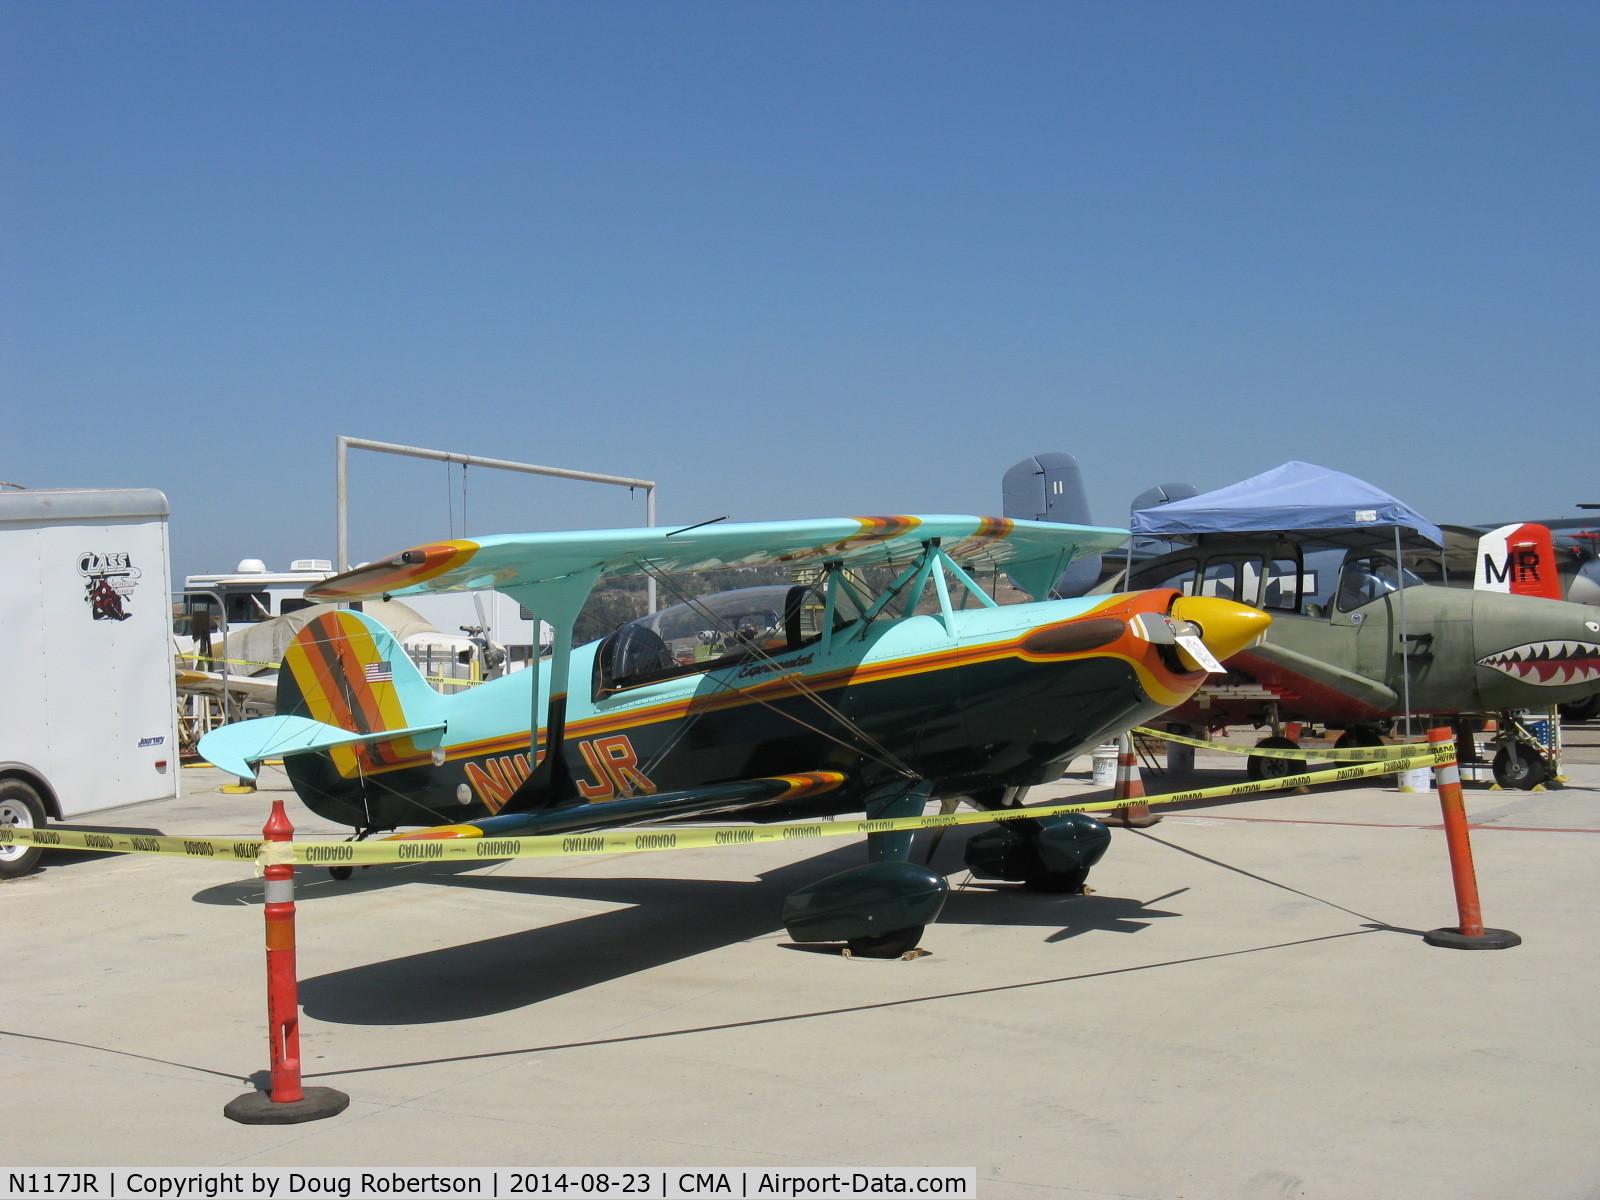 N117JR, 1986 Steen Skybolt C/N 1001 (N117JR), 1986 Ramsey STEEN SKYBOLT, Lycoming IO-360 180 Hp, now lady owned/flown